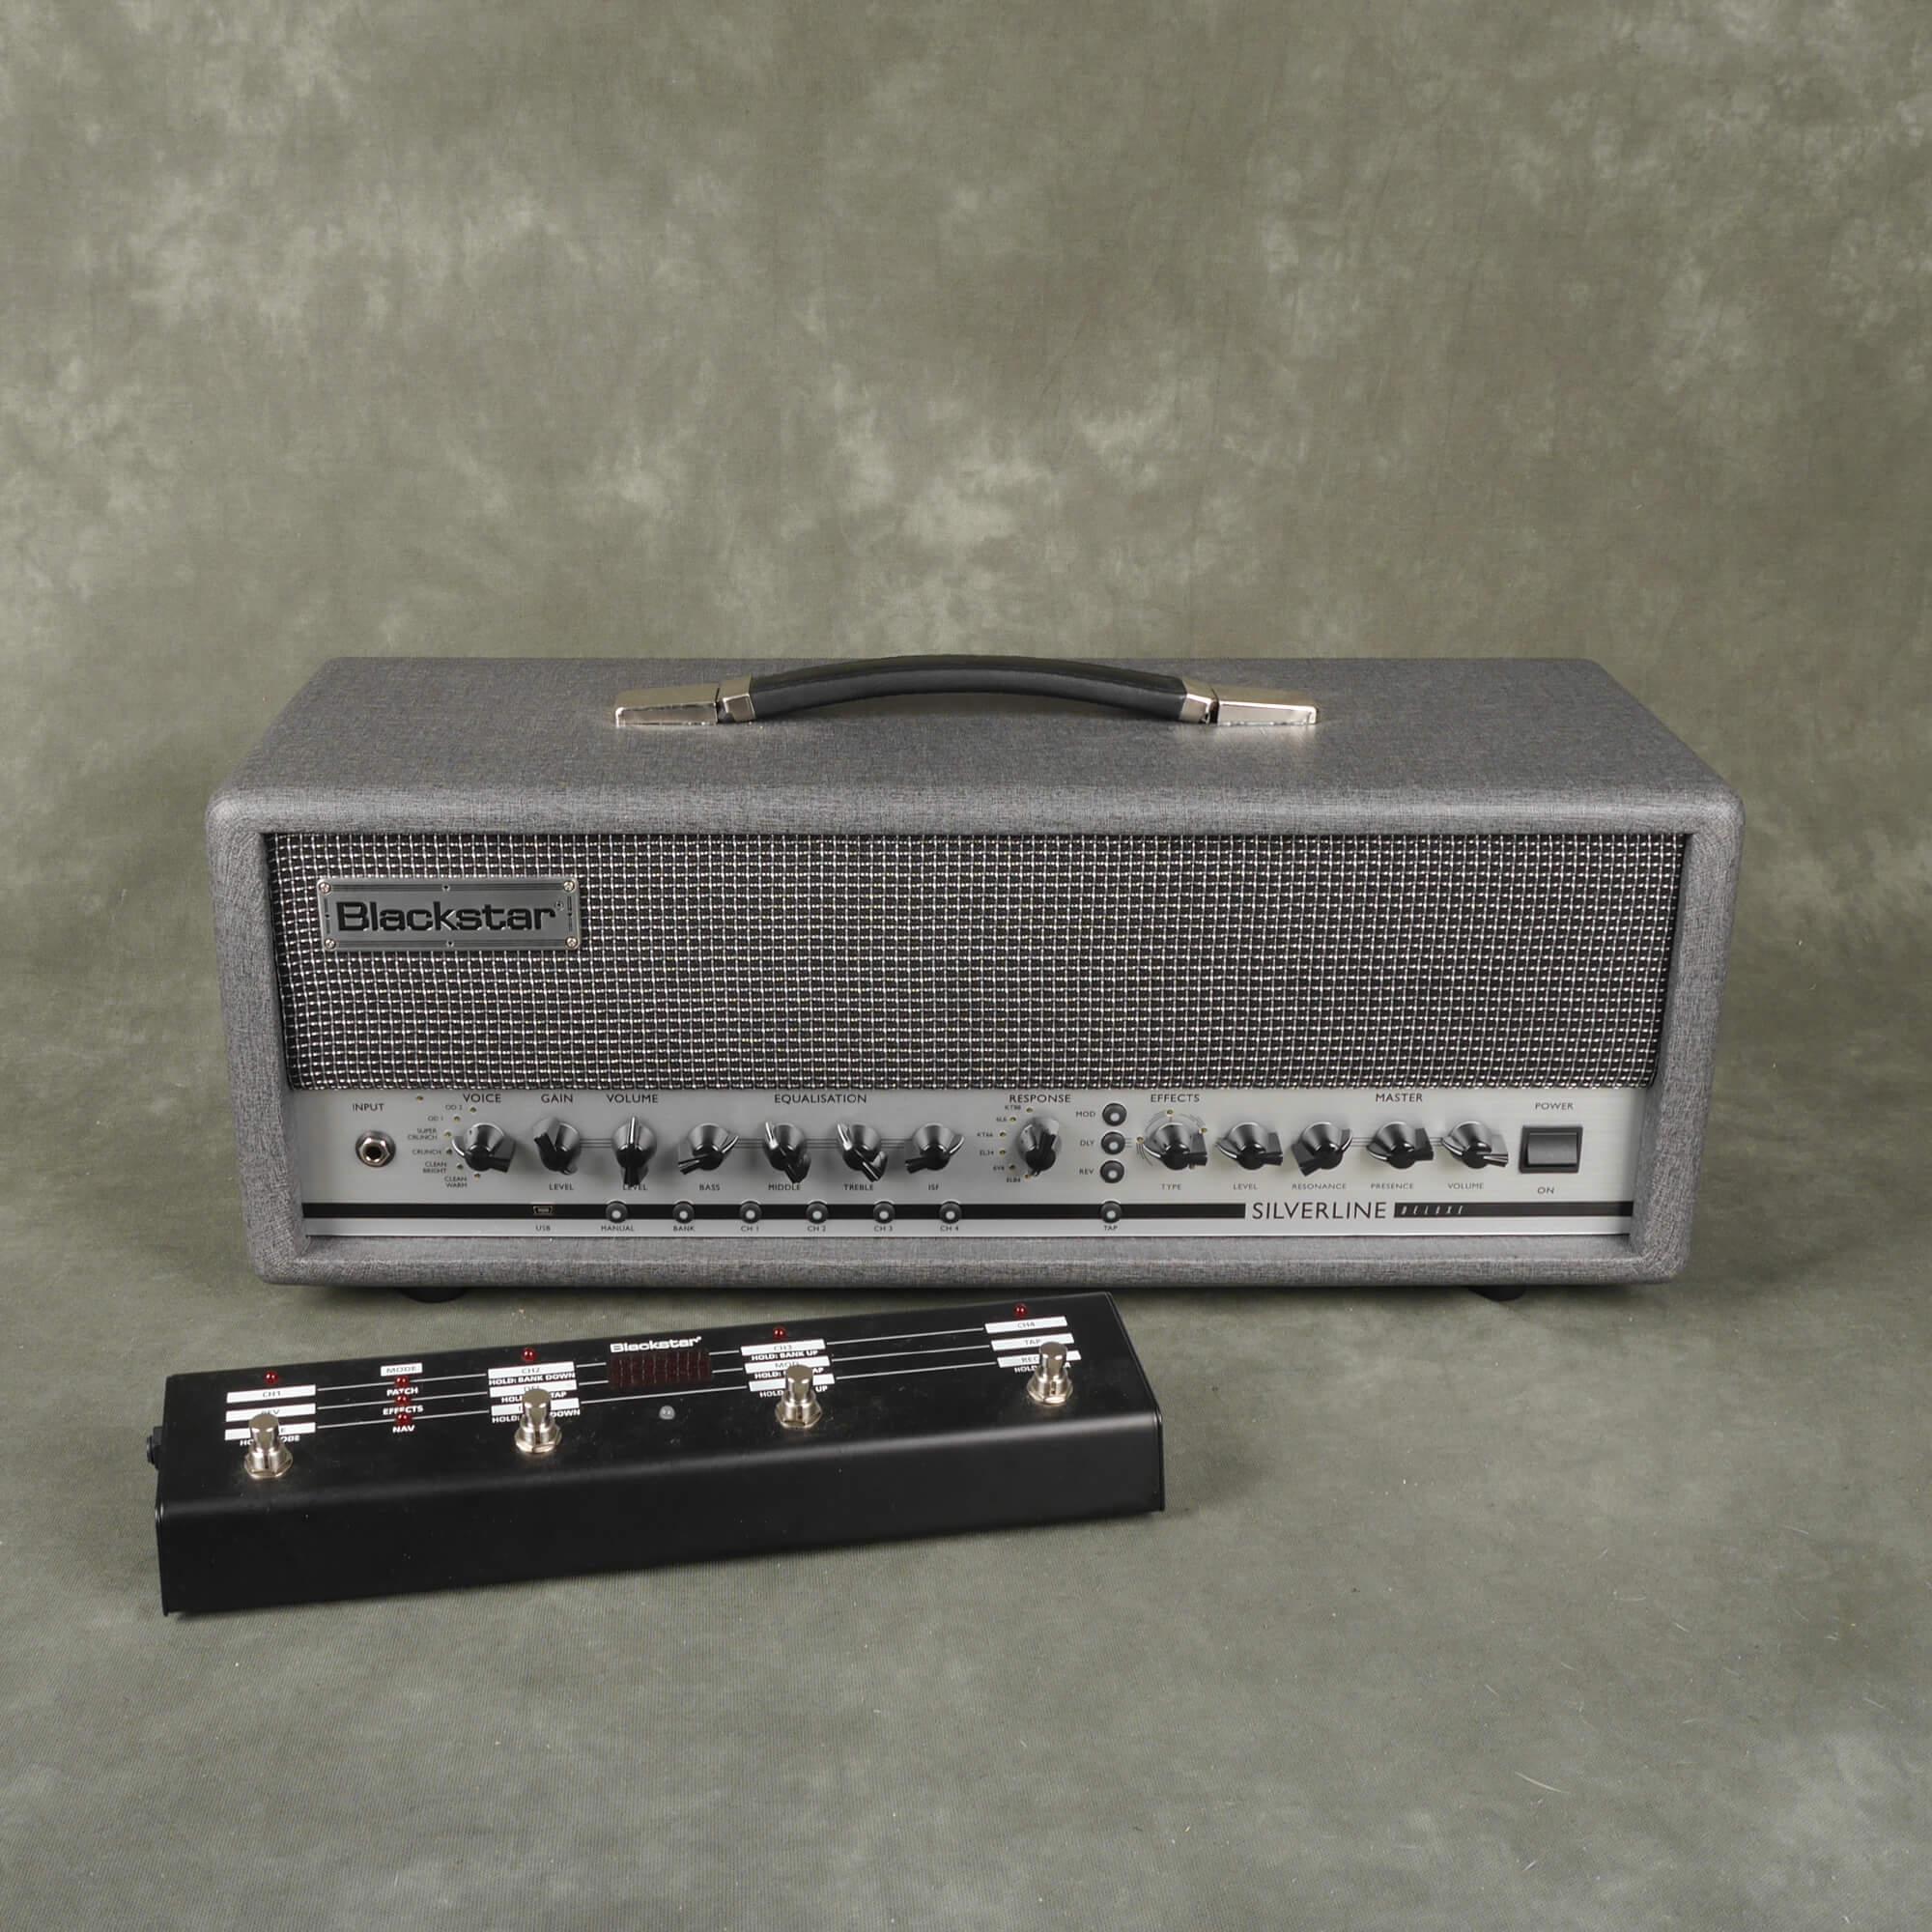 Blackstar Silverline Deluxe 100w Amp Head w/FS10 Footswitch - 2nd Hand